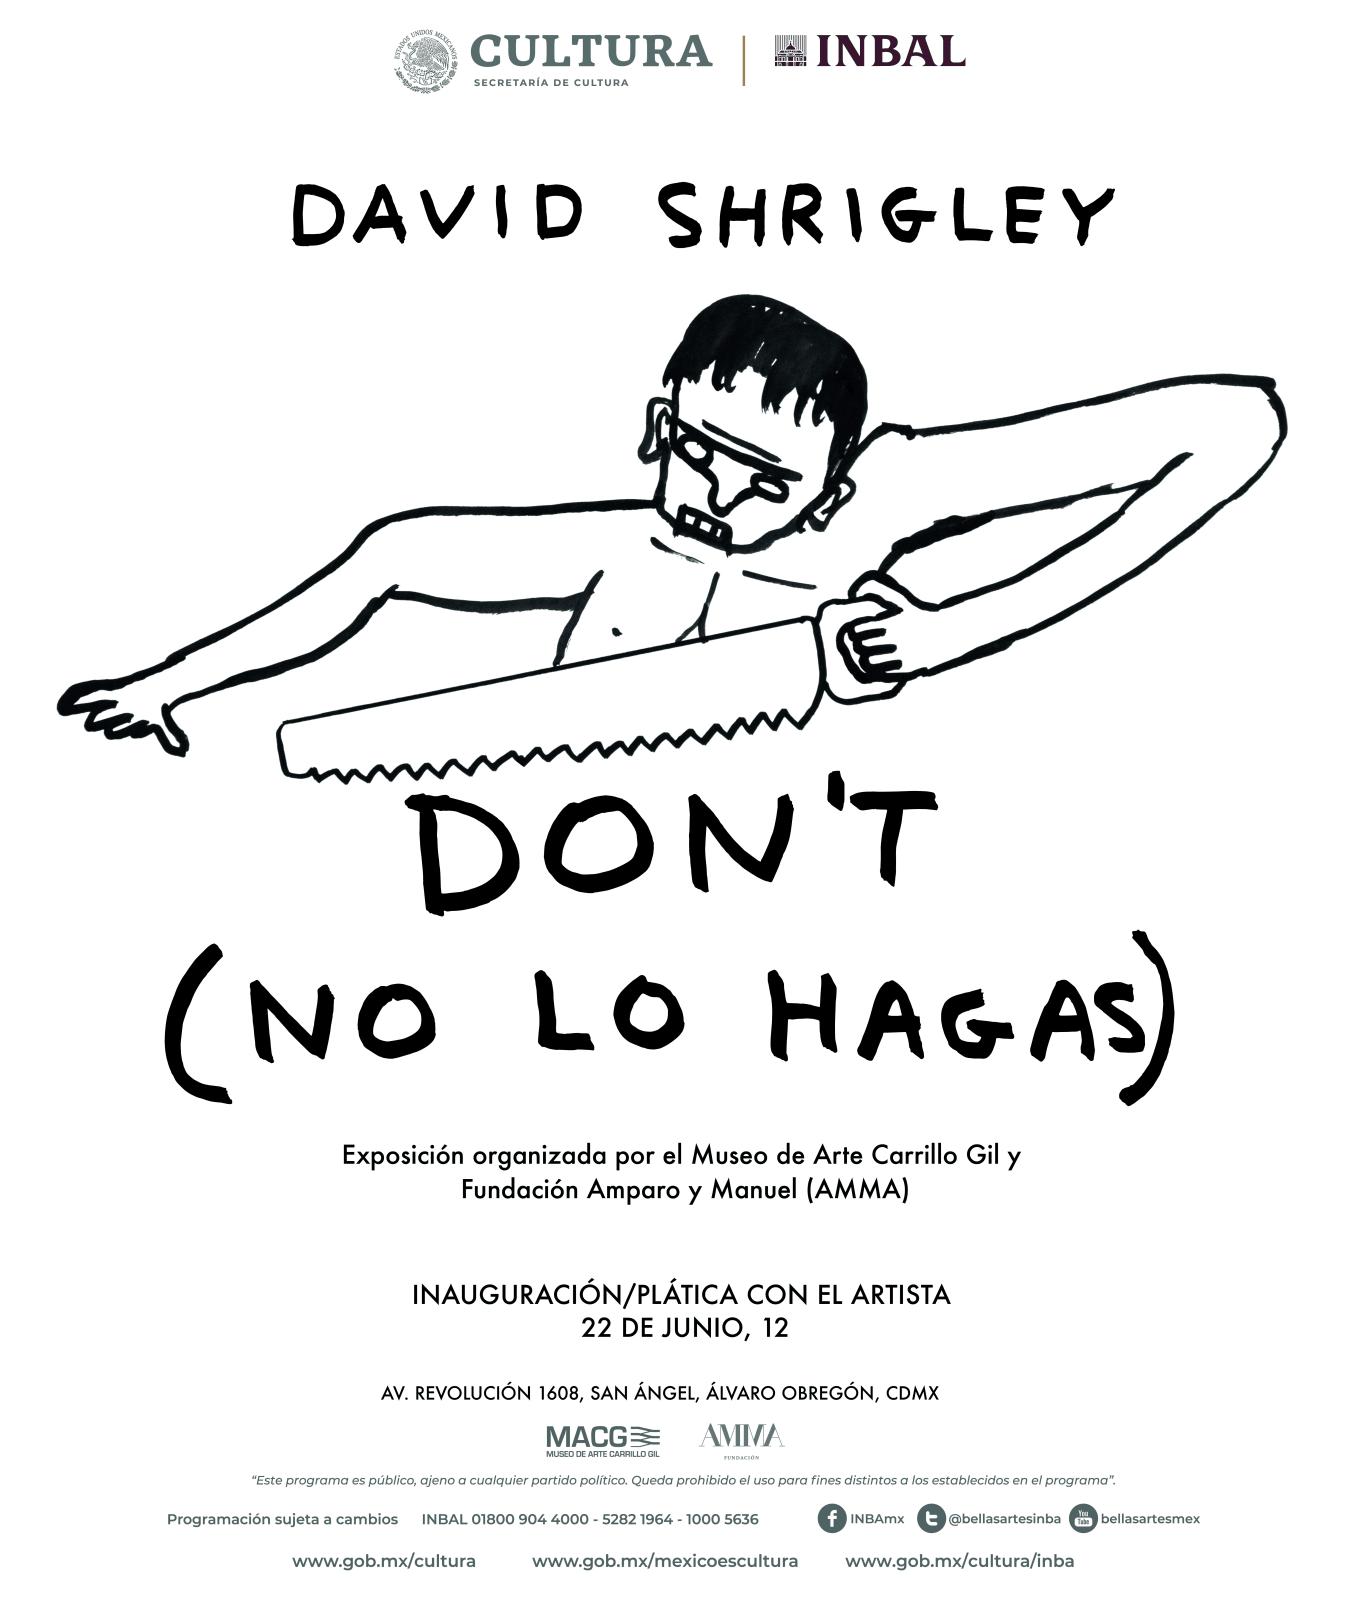 Cartel oficial de la exposición